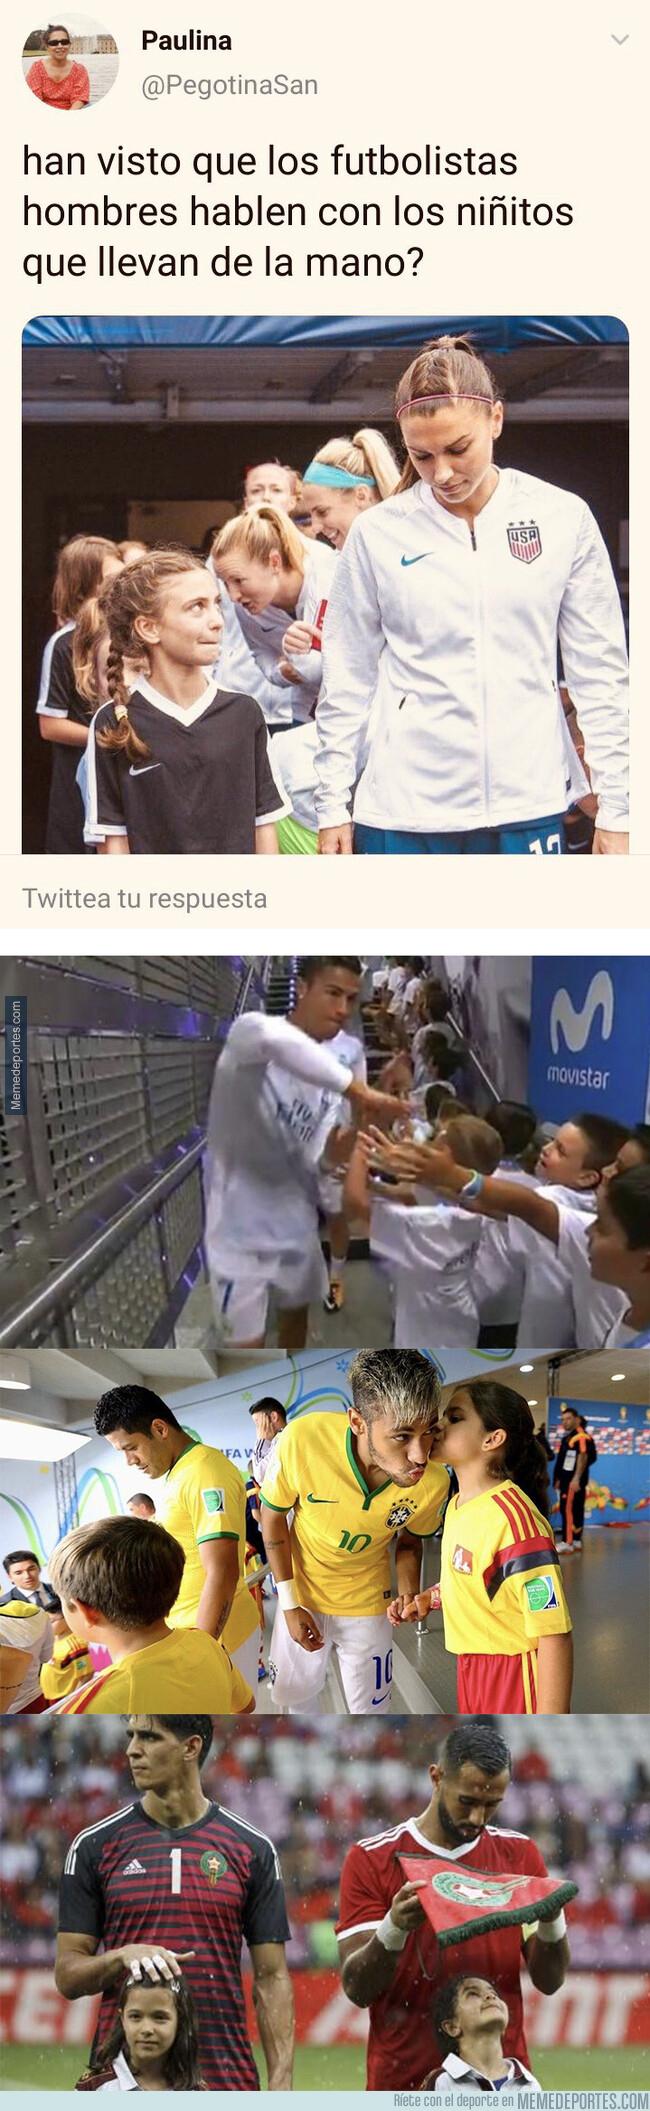 1080801 - Ojalá los futbolistas hombres den la mano a los niños que esperan